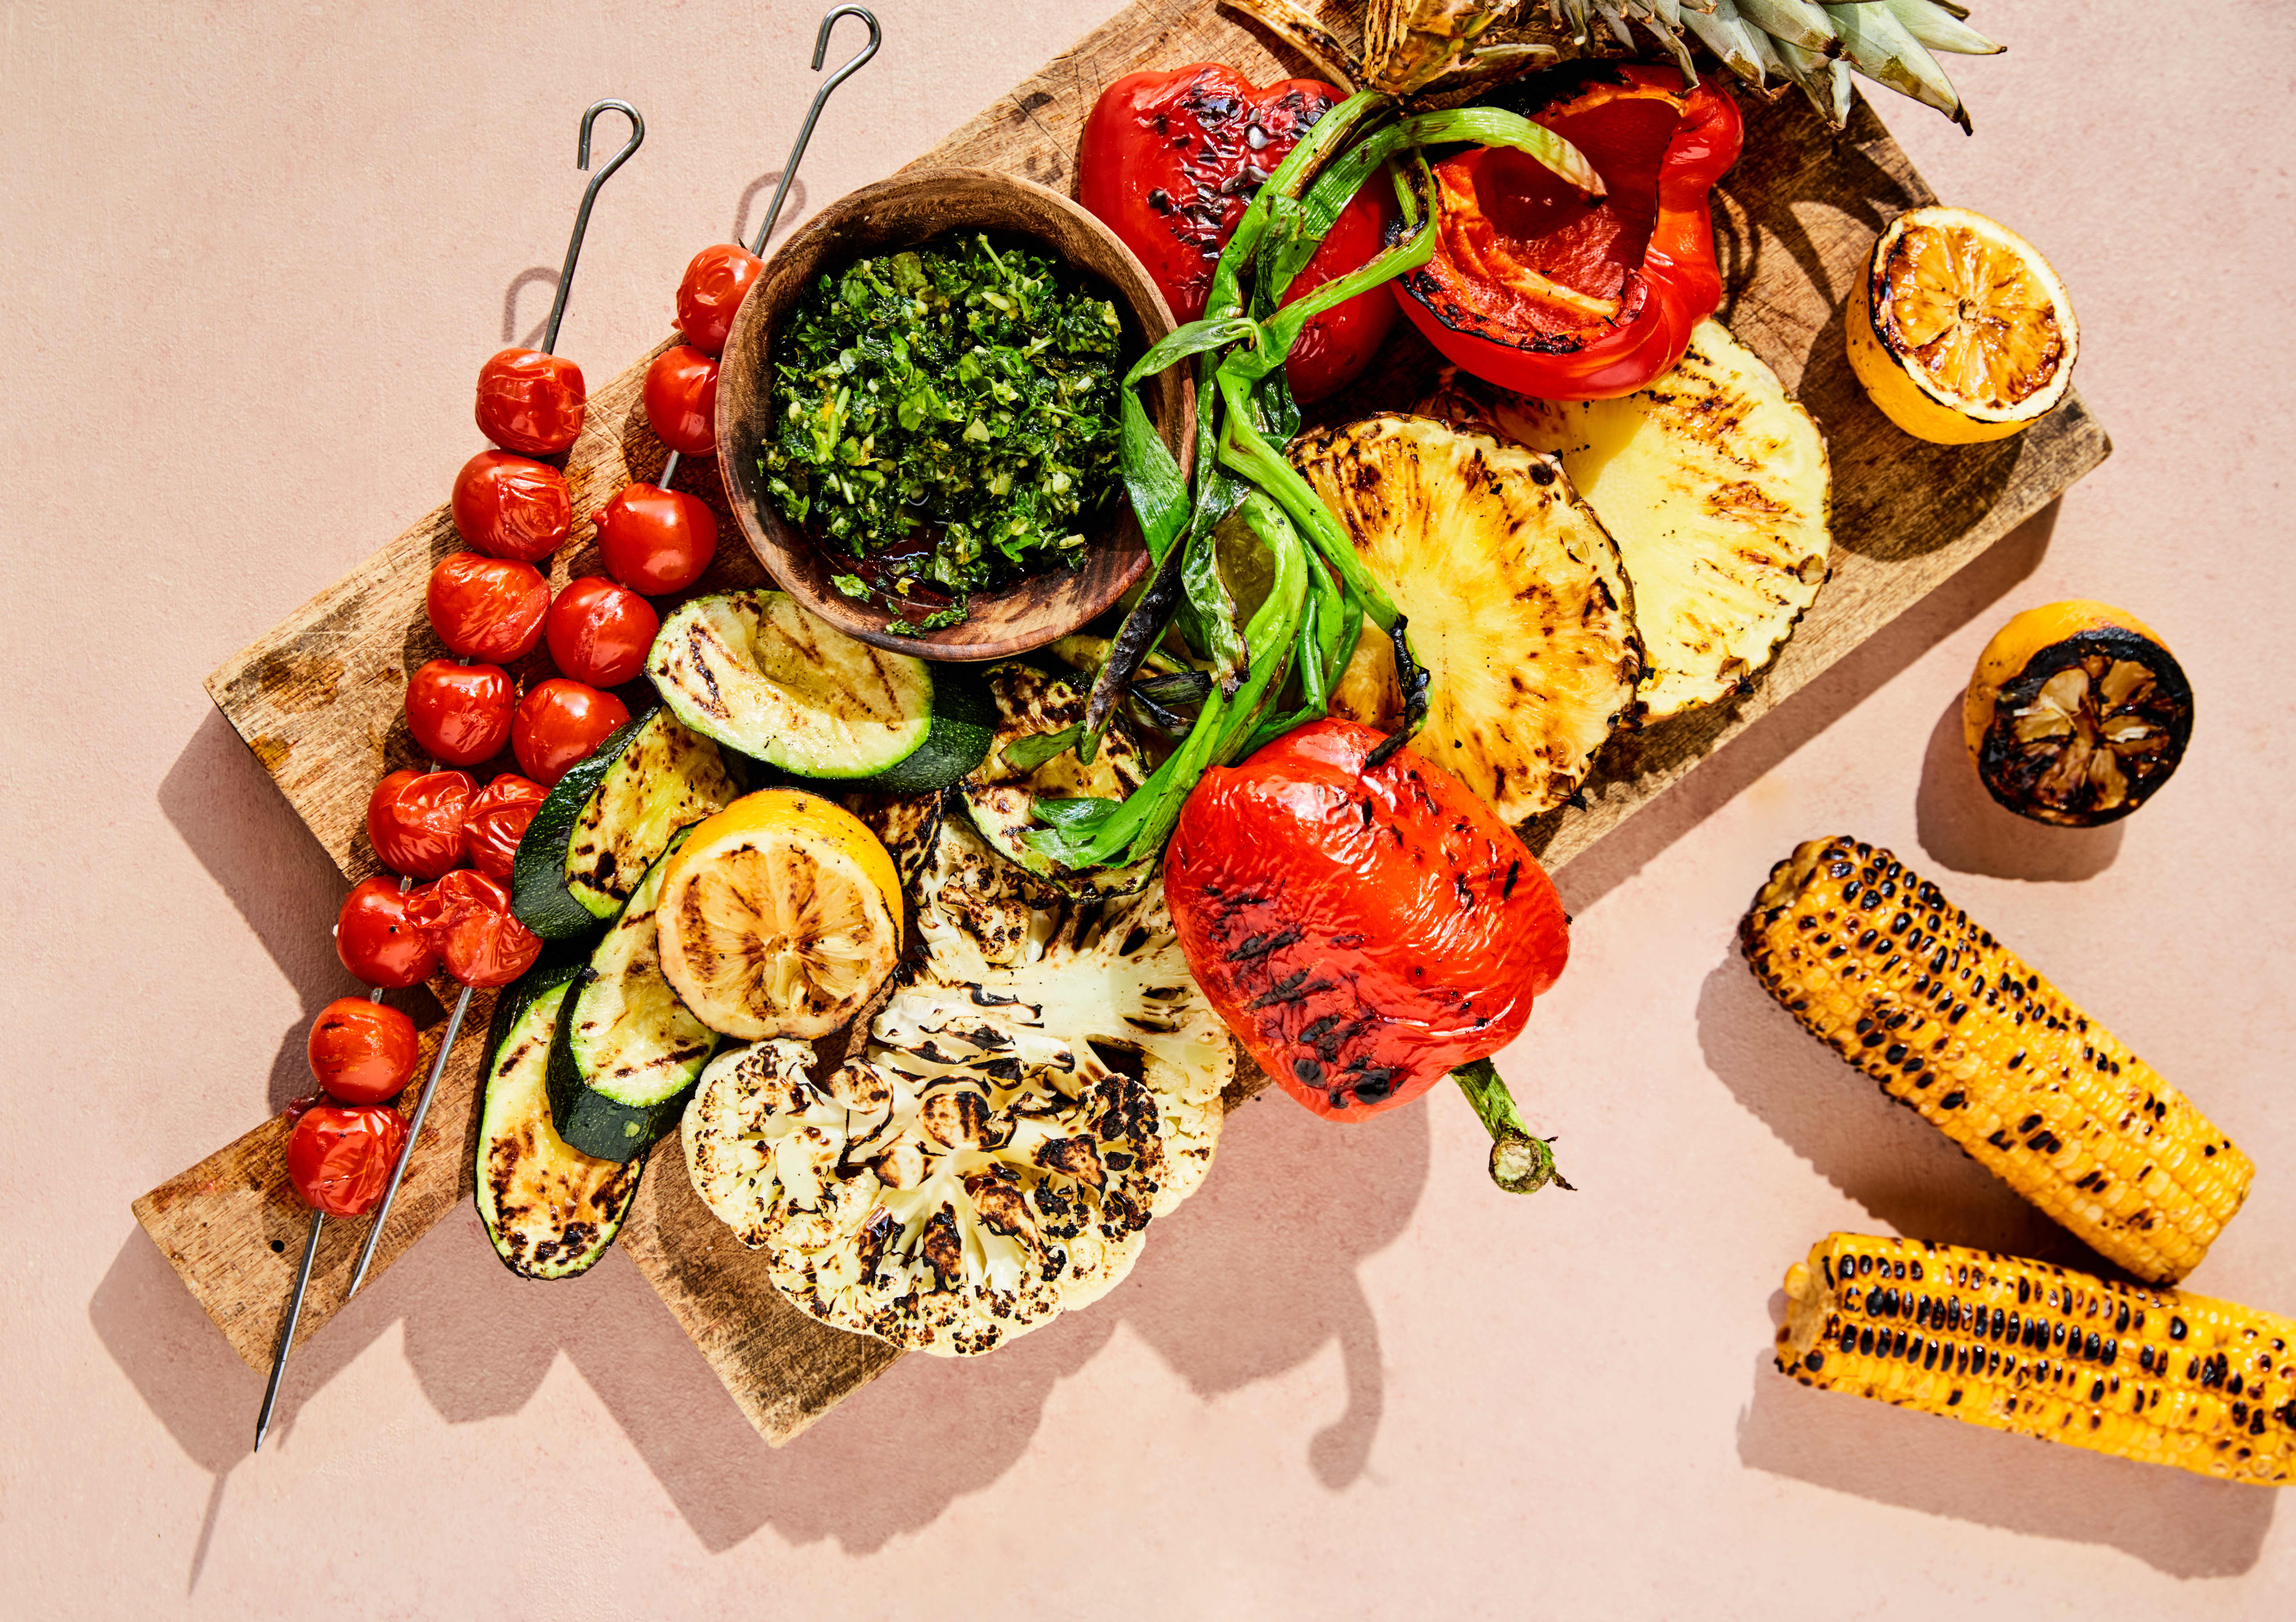 GRØNN GRILL: De aller fleste grønnsaker kan grilles. Hva med en vegetarisk grillmiddag?